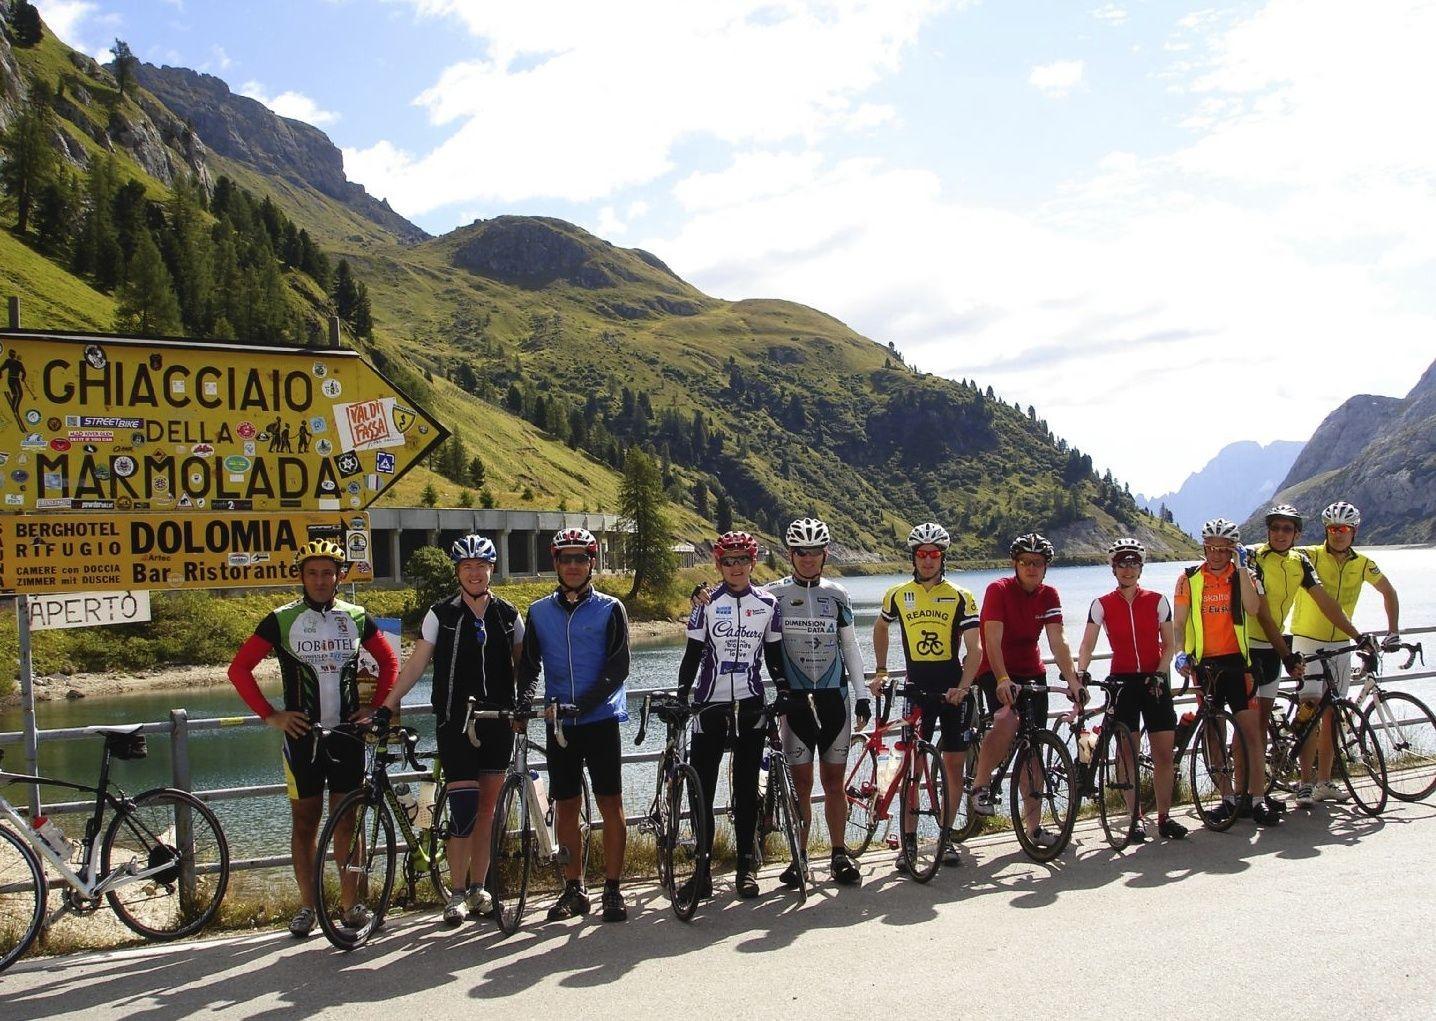 italiandolomites7.jpg - Italy - Italian Dolomites - Guided Road Cycling Holiday - Road Cycling